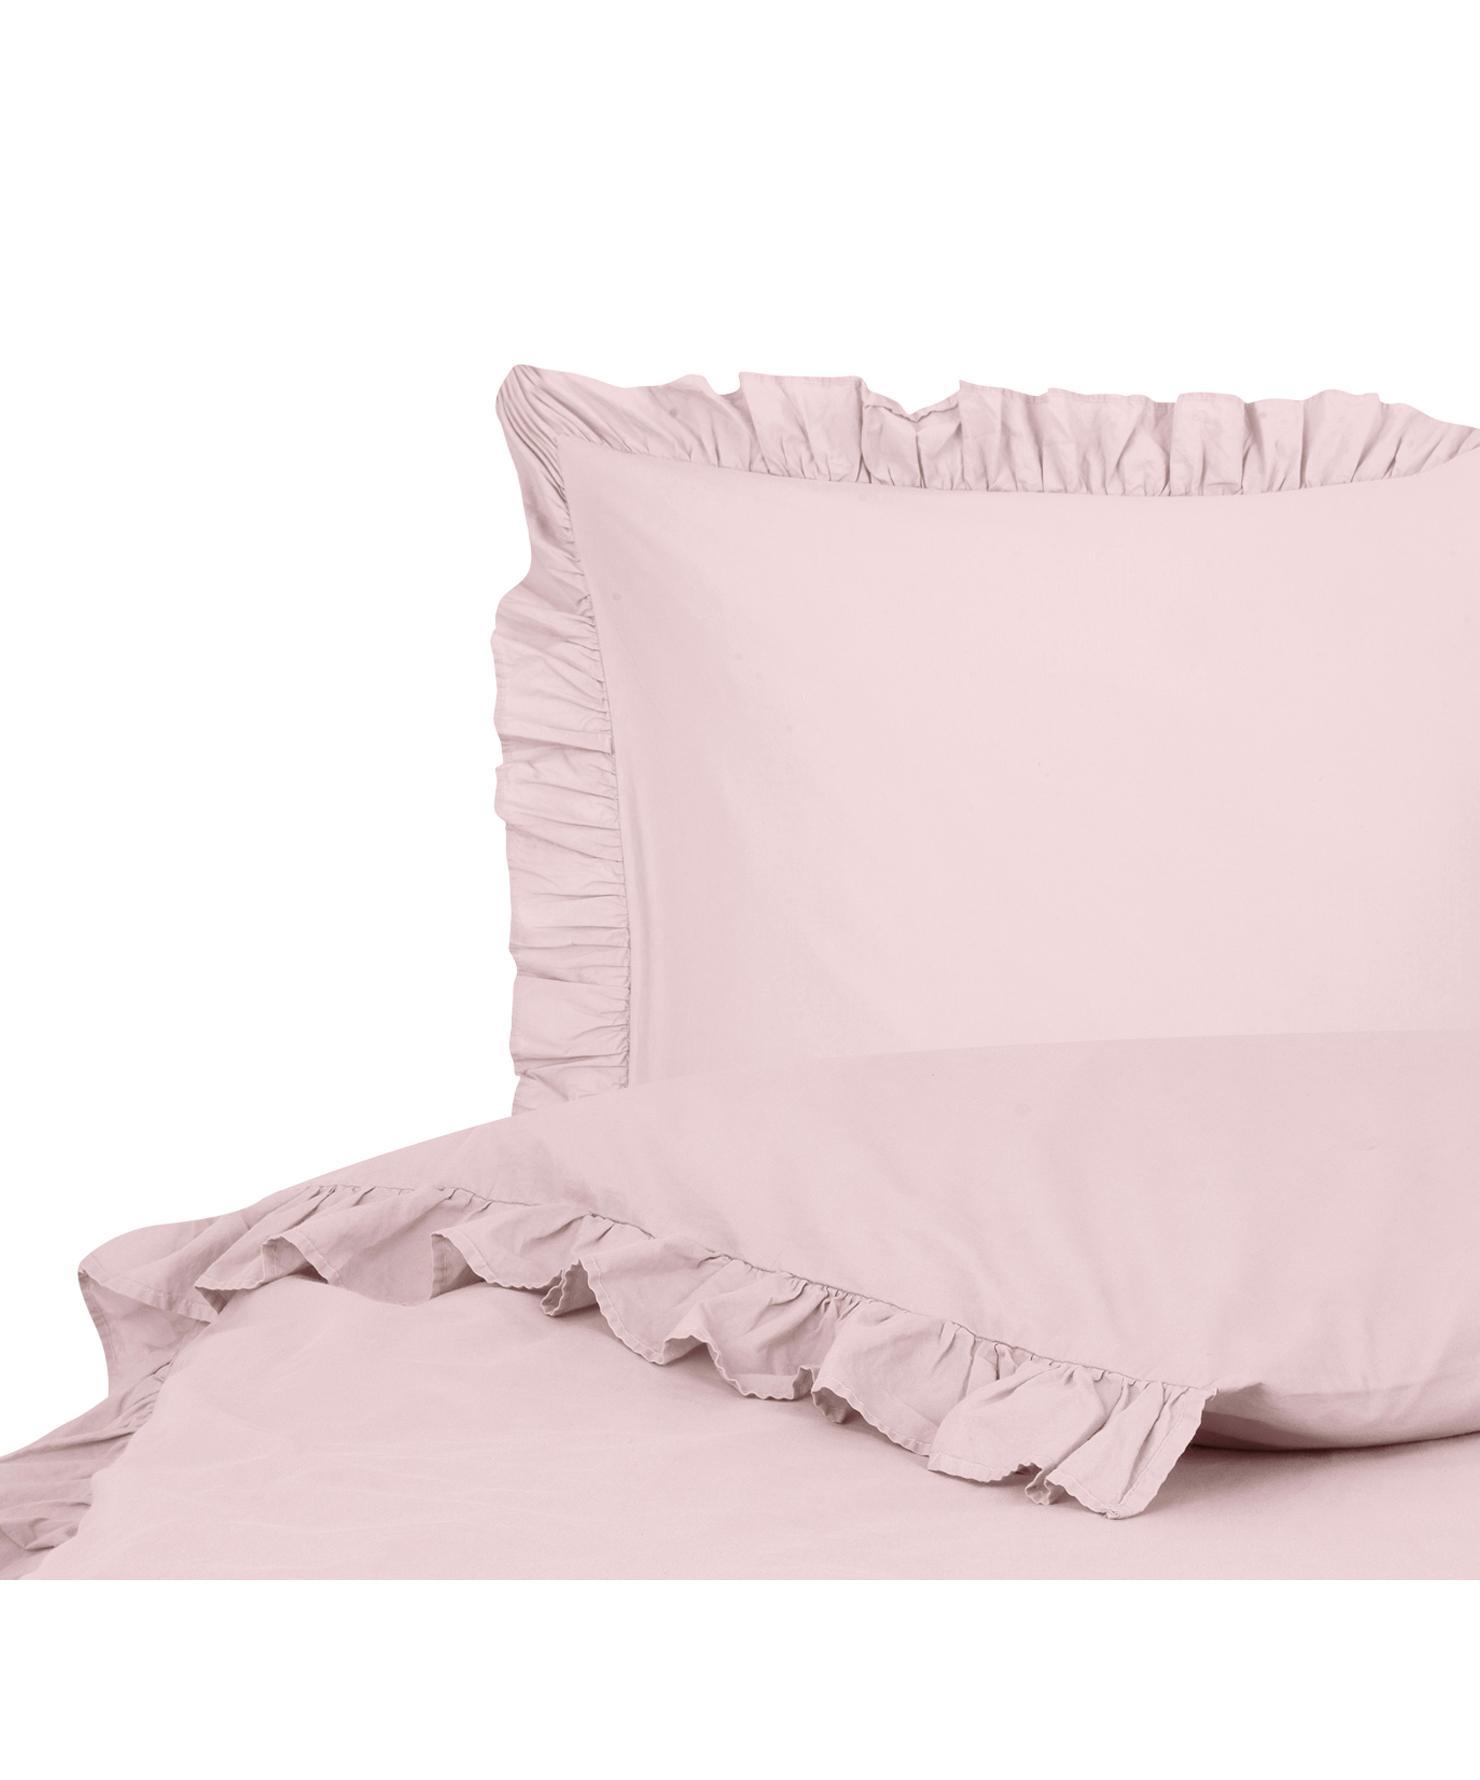 Parure copripiumino in cotone lavato Florence, Tessuto: percalle, Rosa, 155 x 200 cm